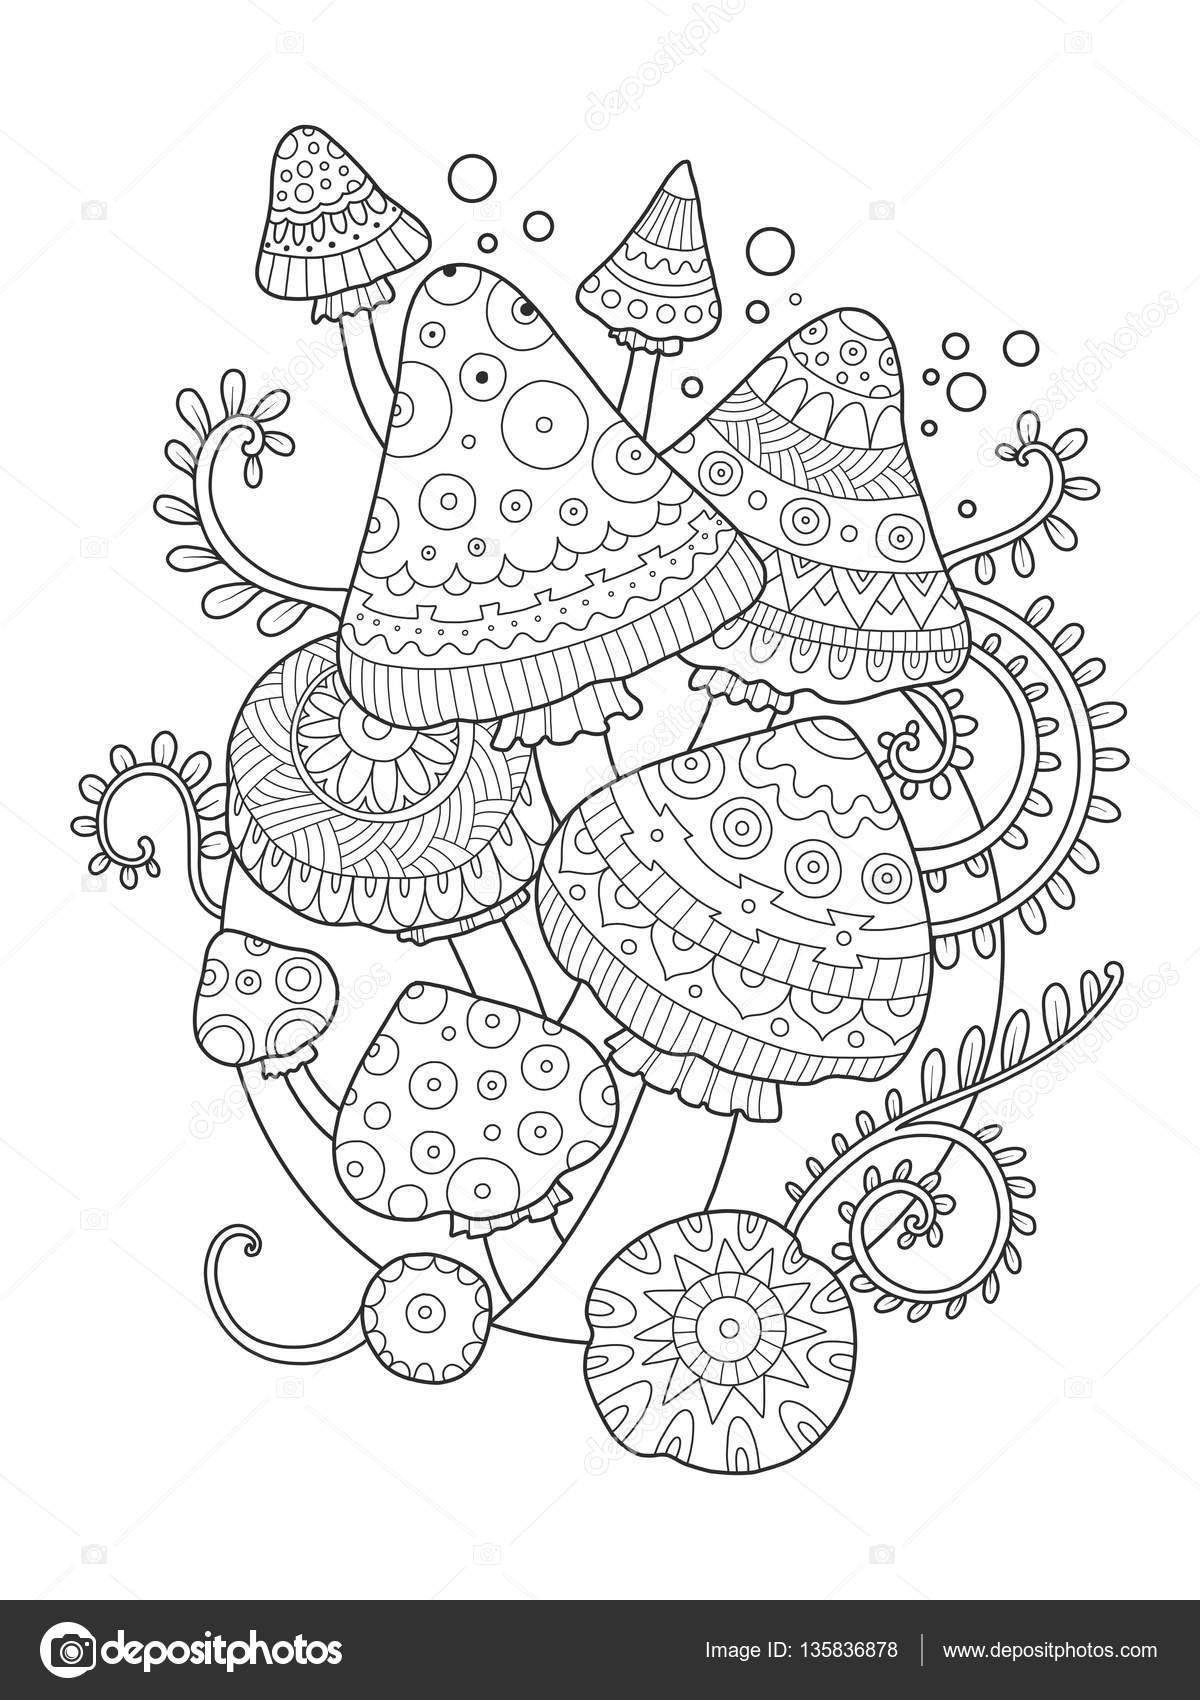 Kleurplaten Voor Volwassenen Tattoo.Paddestoel Vector Tekening Boek Kleurplaten Voor Volwassenen